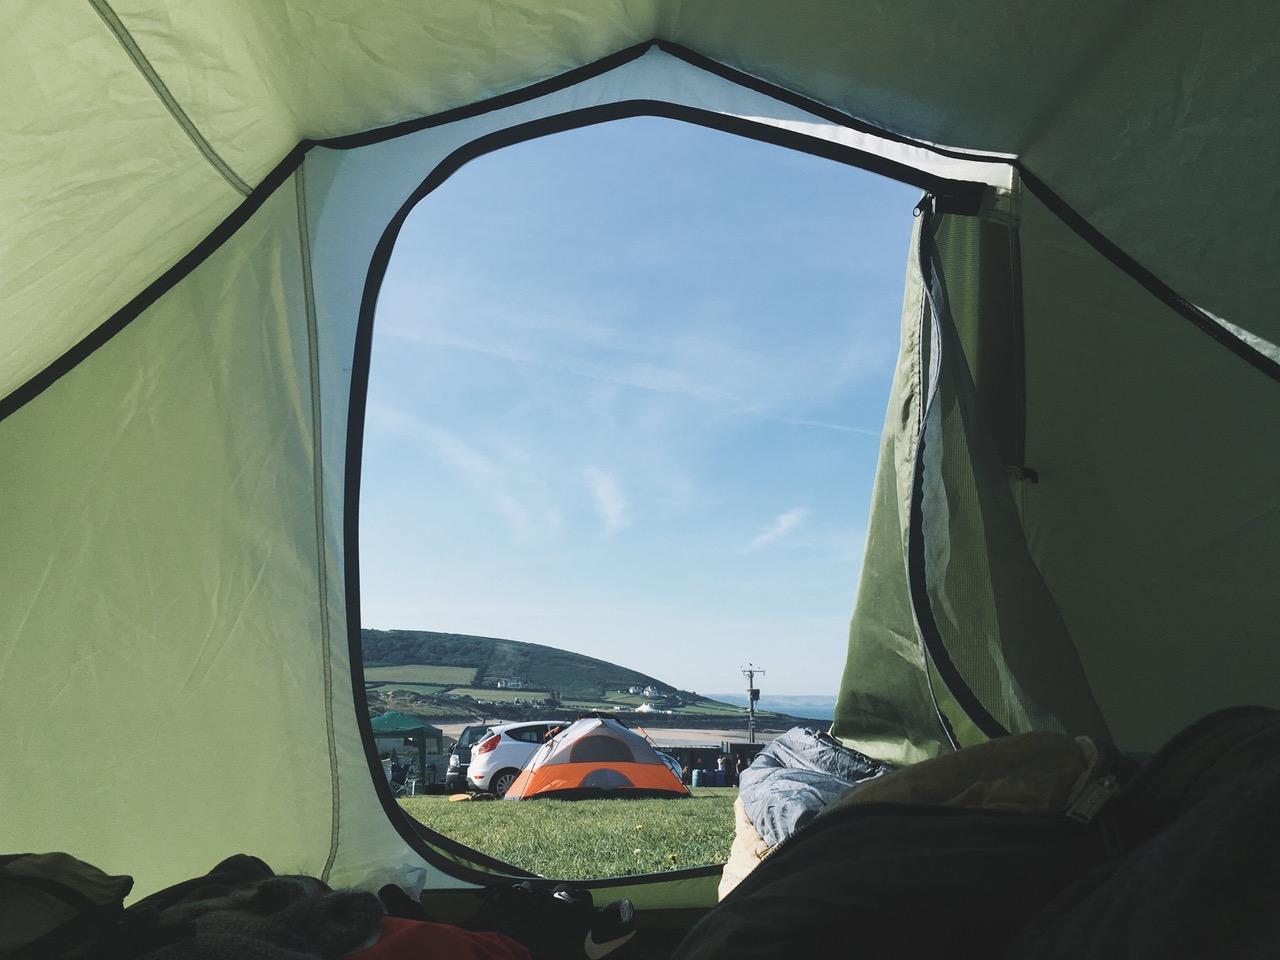 【購入レビュー】簡易テント人気No1のvillimetsaのワンタッチポップアップテントがメリット満載で素晴らしすぎた